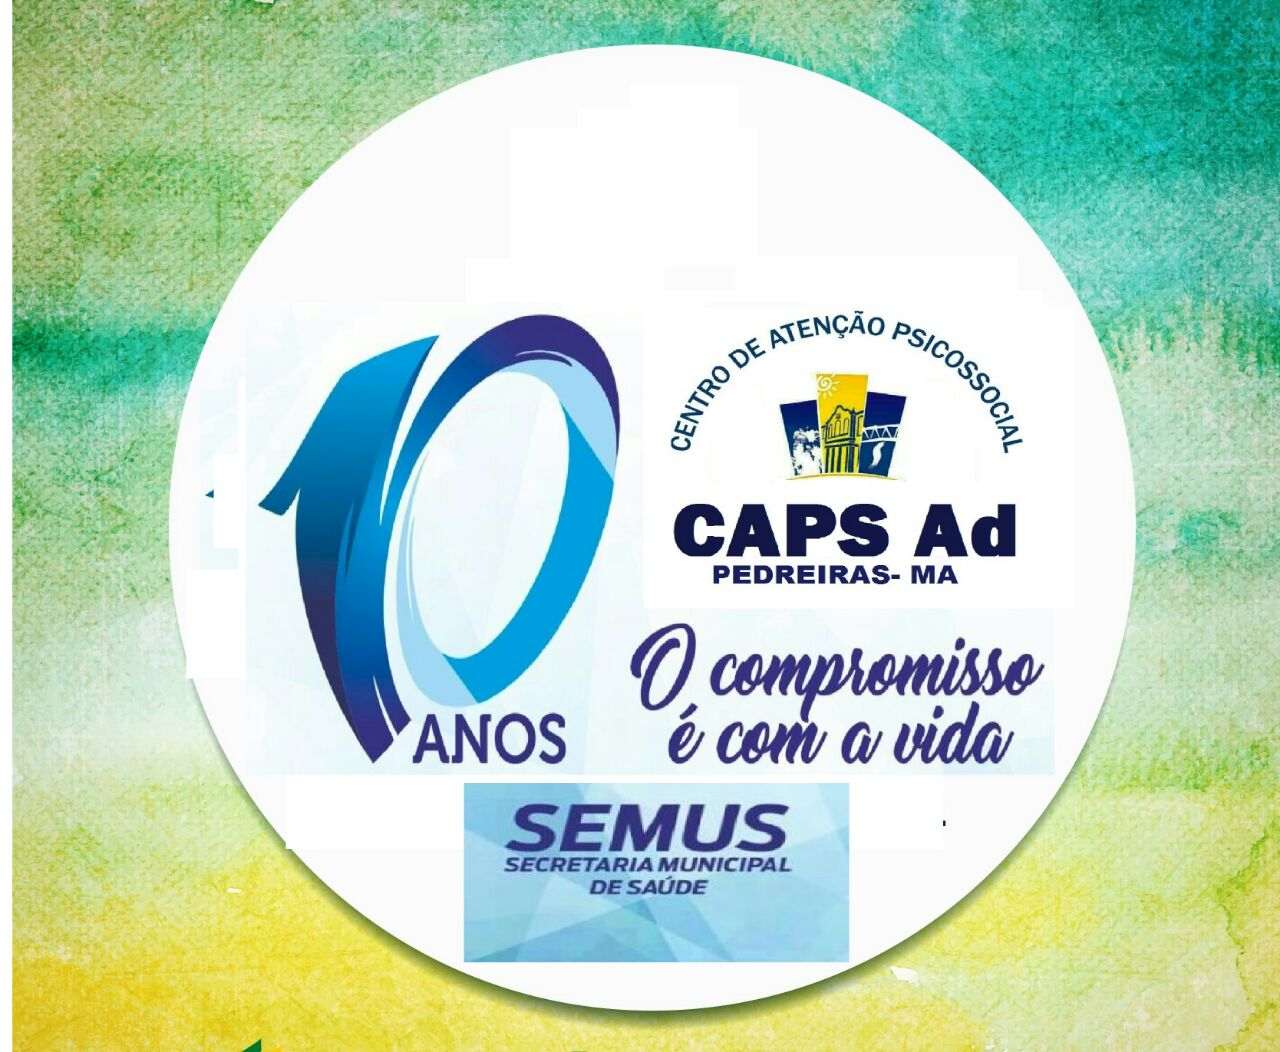 10 ANOS CAPS AD